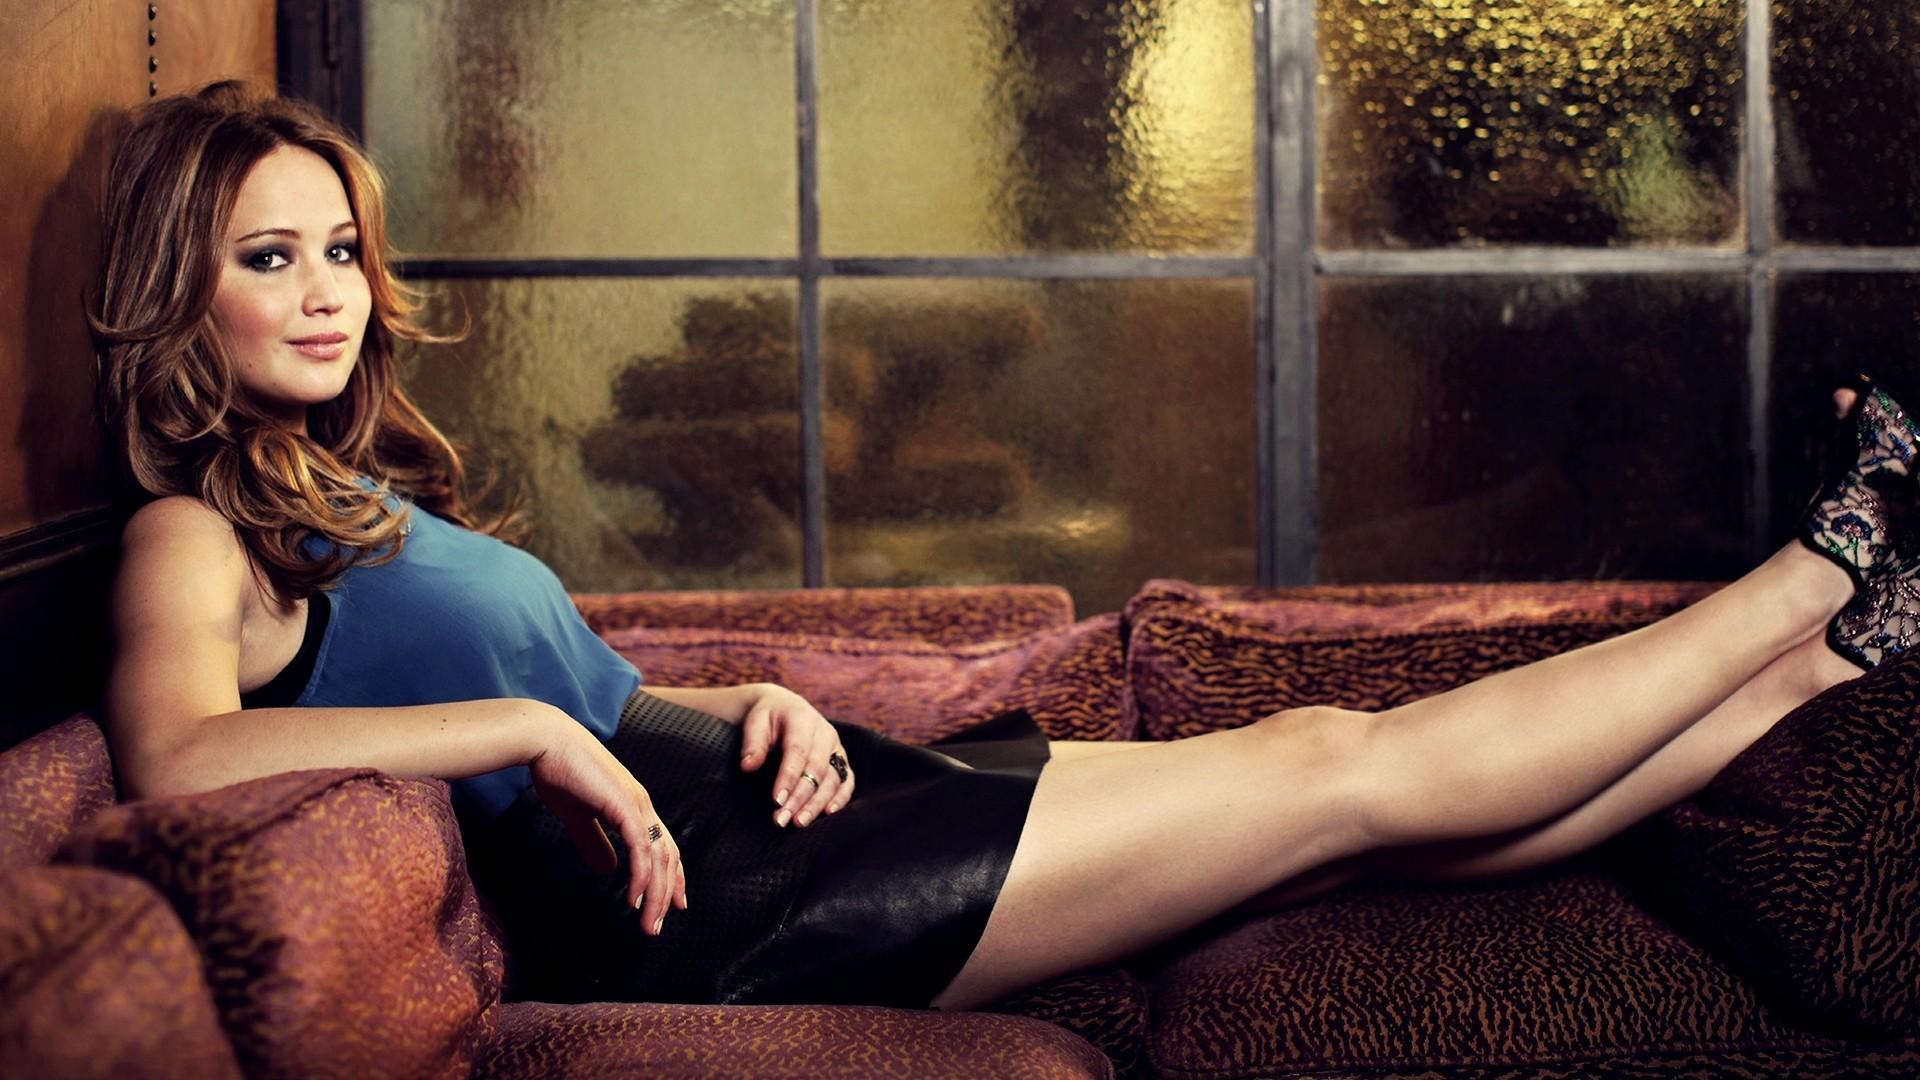 Jennifer Lawrence Hot HD Wallpaper FilmGordon 1920x1080